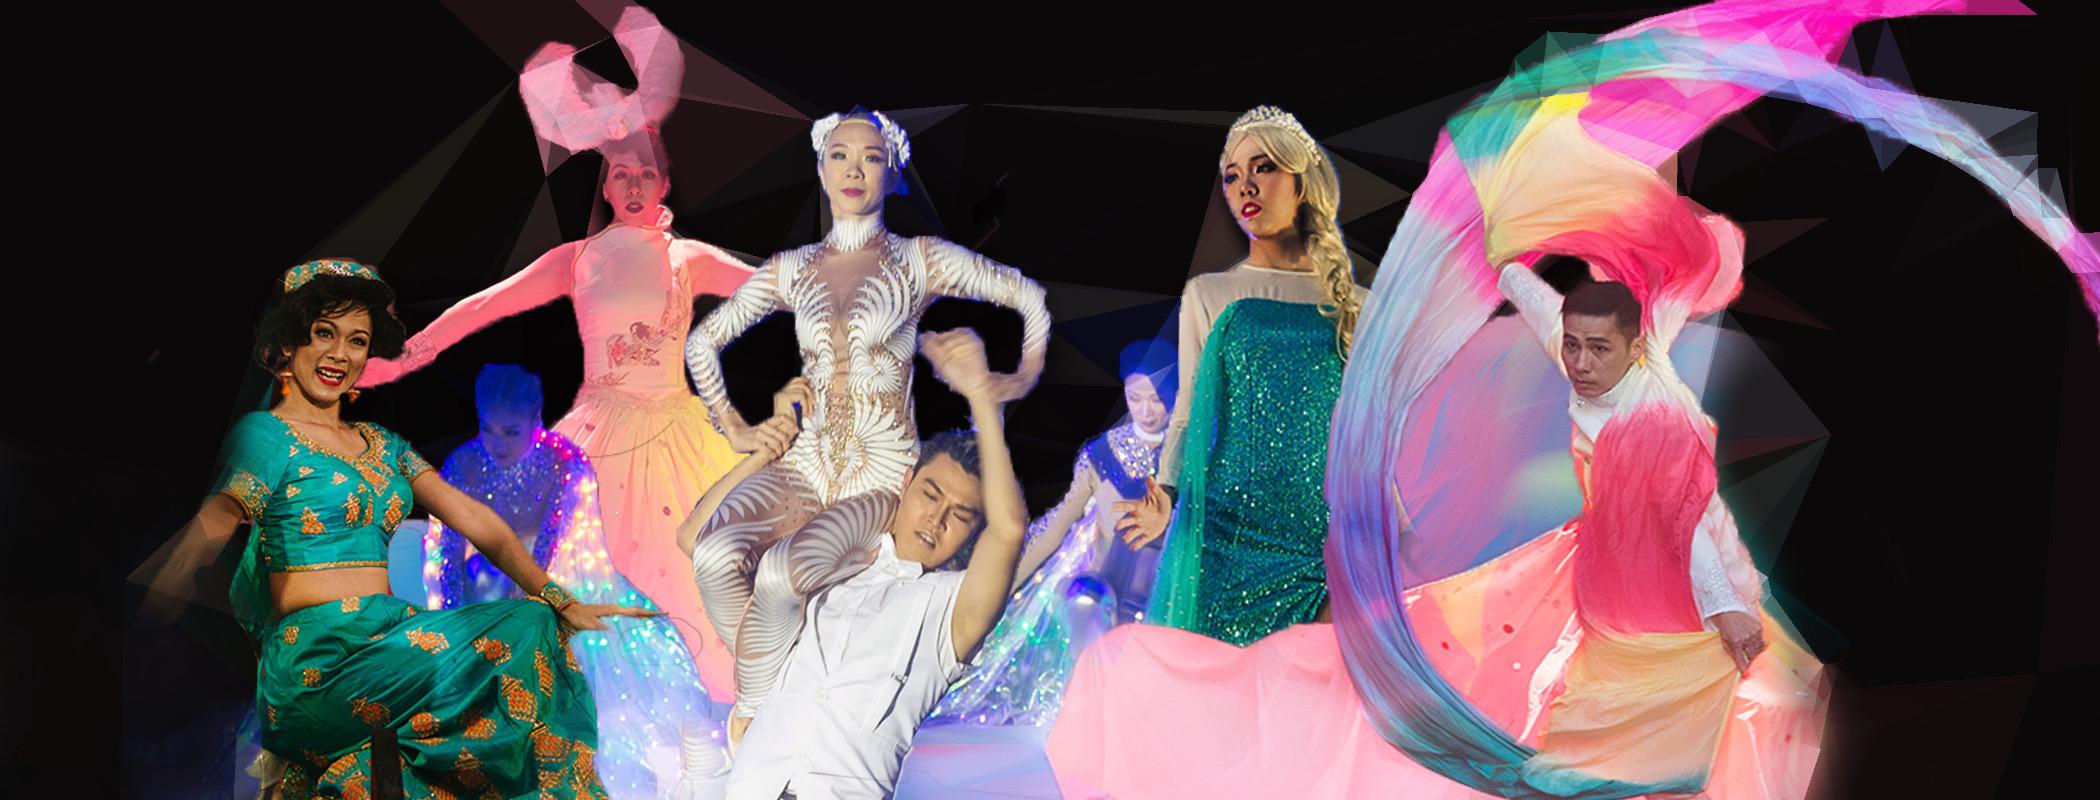 Dance-Show-1